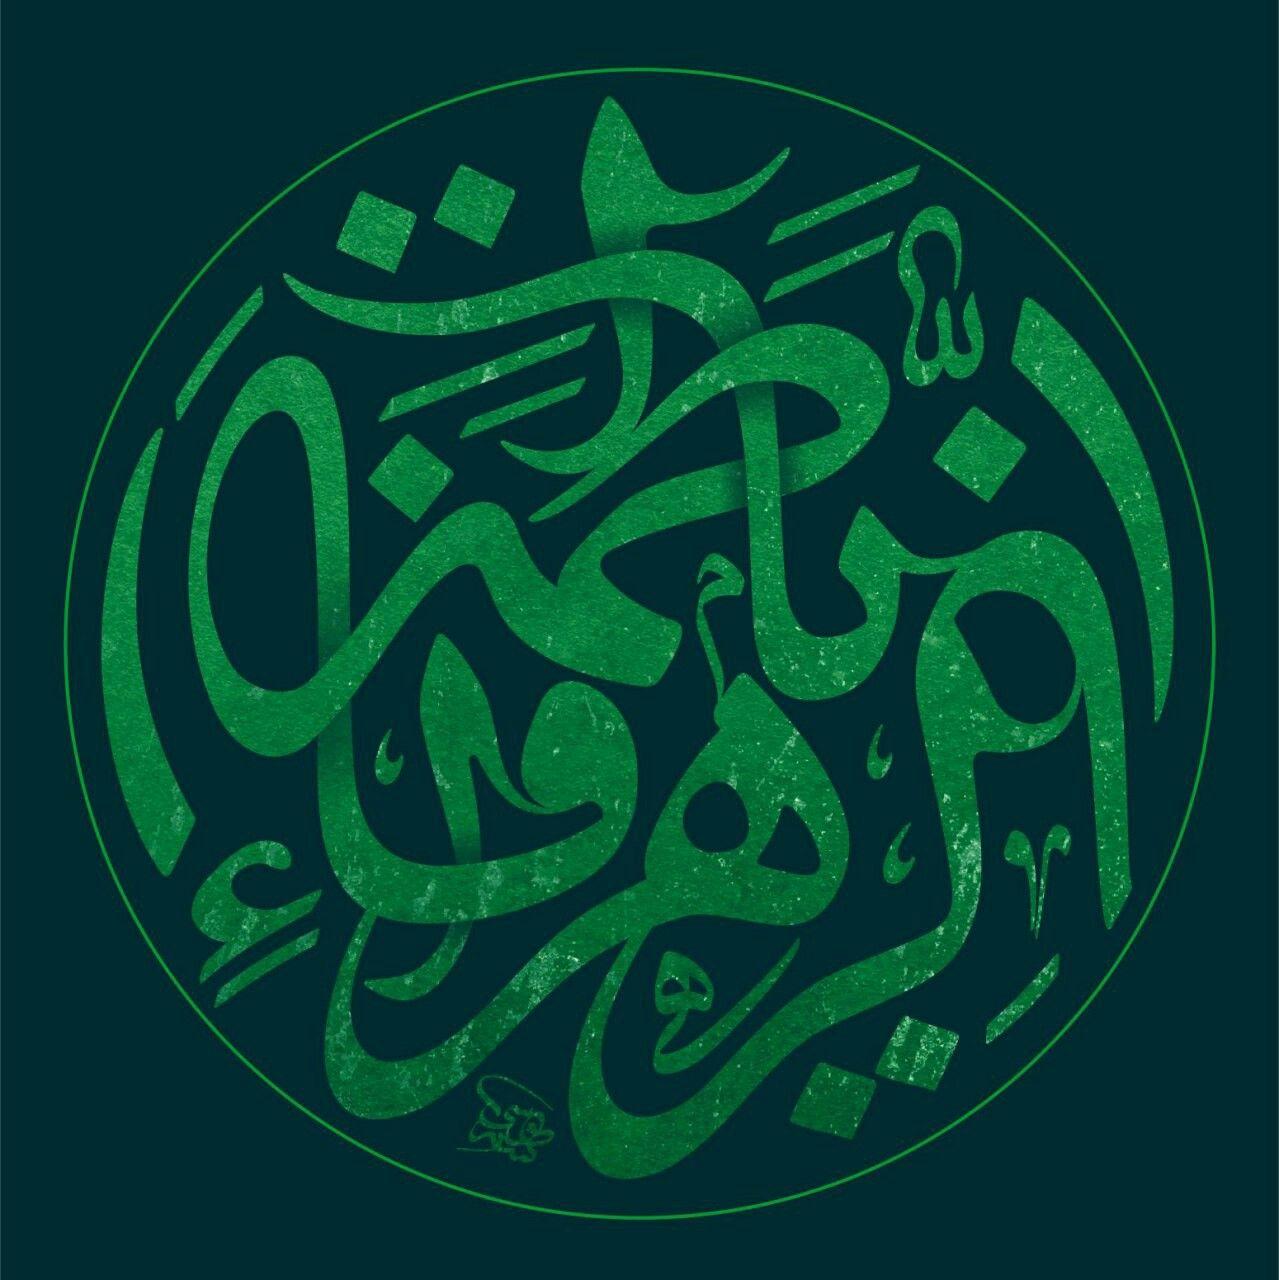 یازهرا یافاطمة الزهرا Islamic Calligraphy Islamic Art Karbala Photography